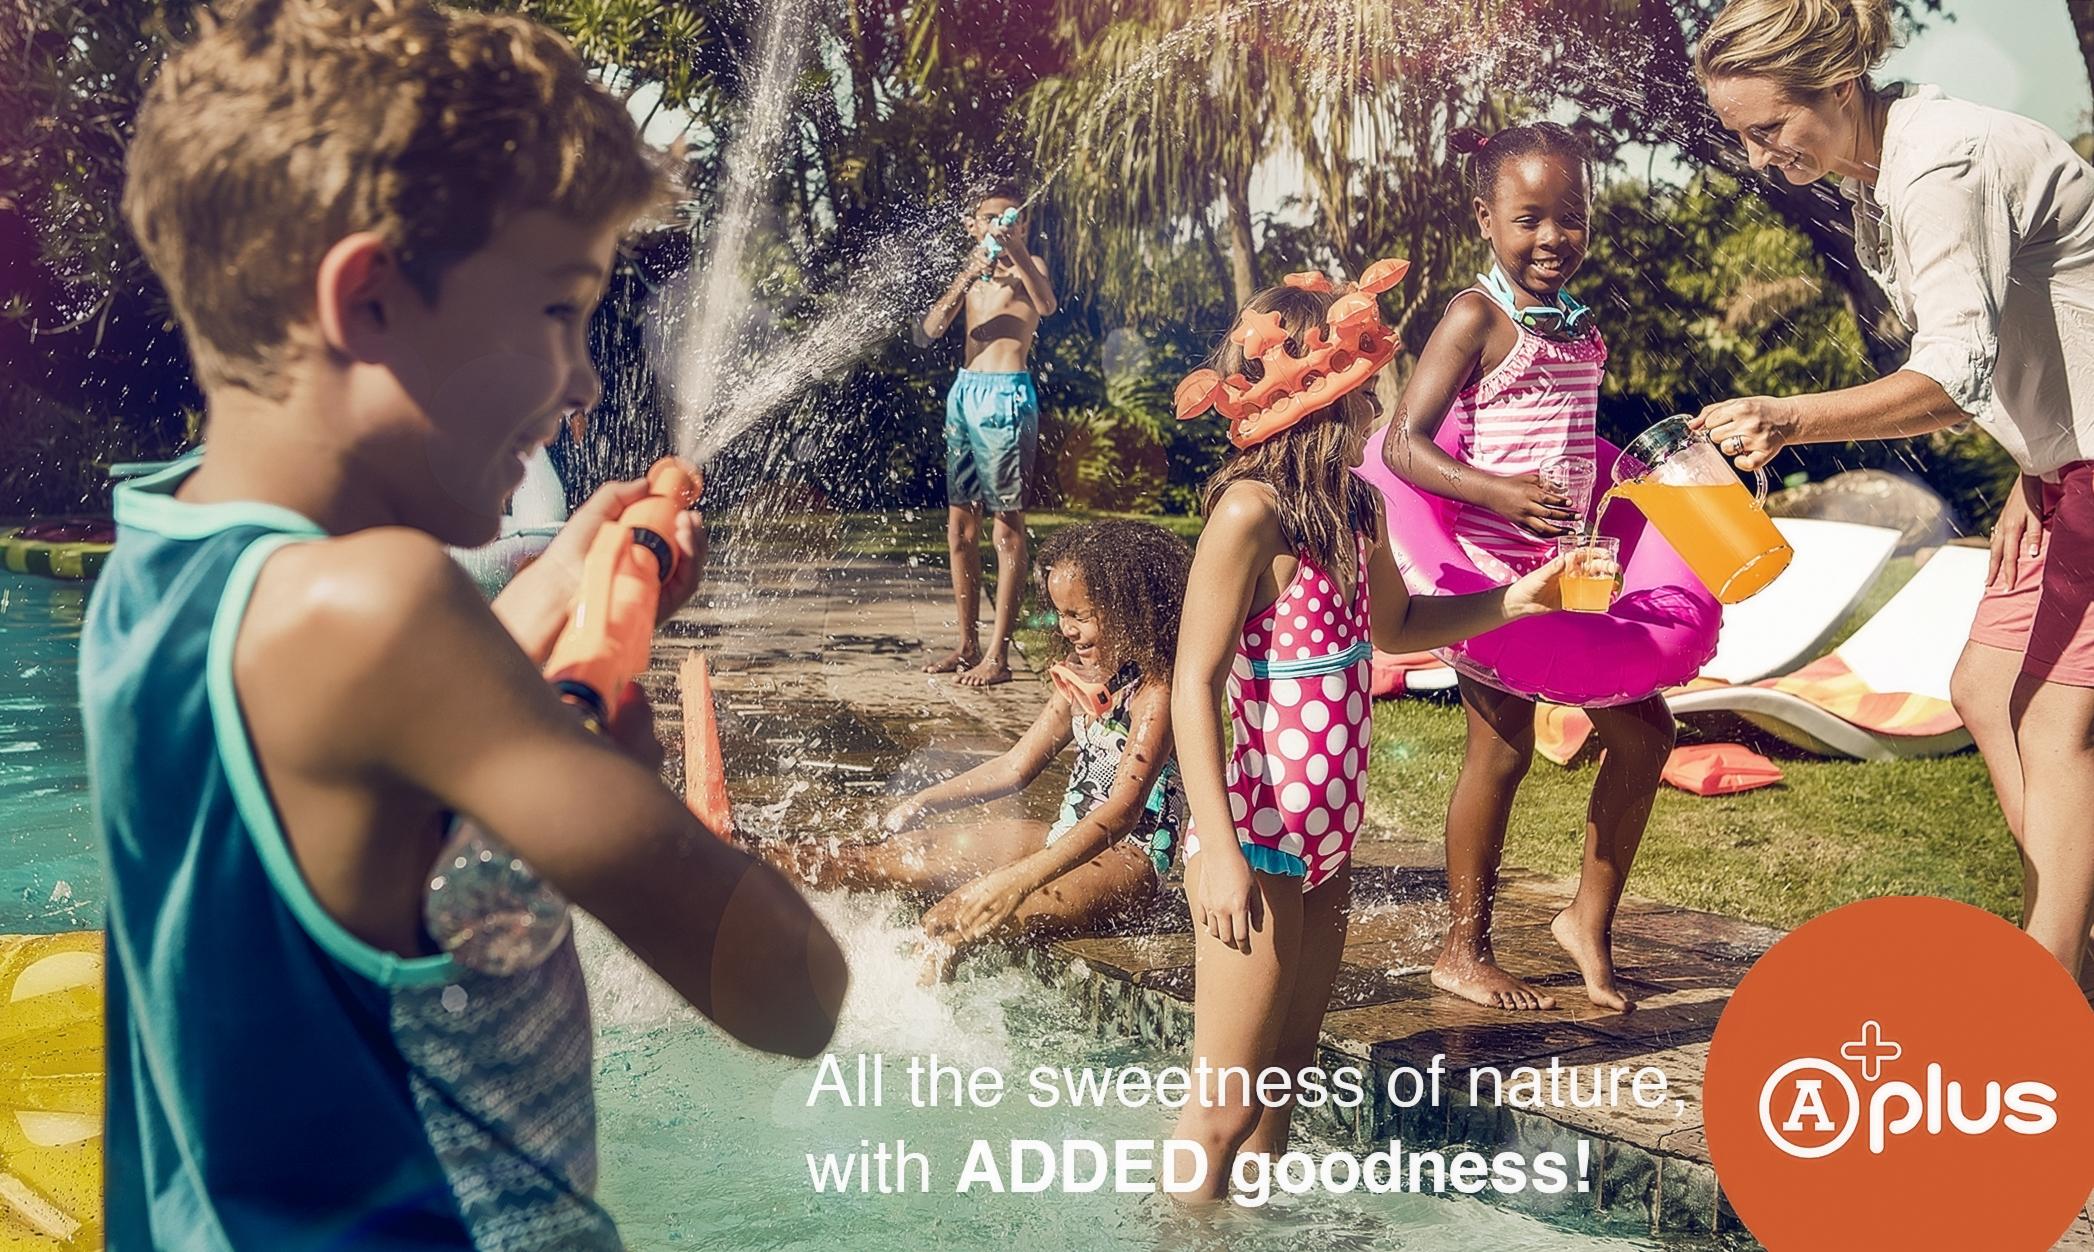 A + Vitamin E Enriched Sugar Campaign